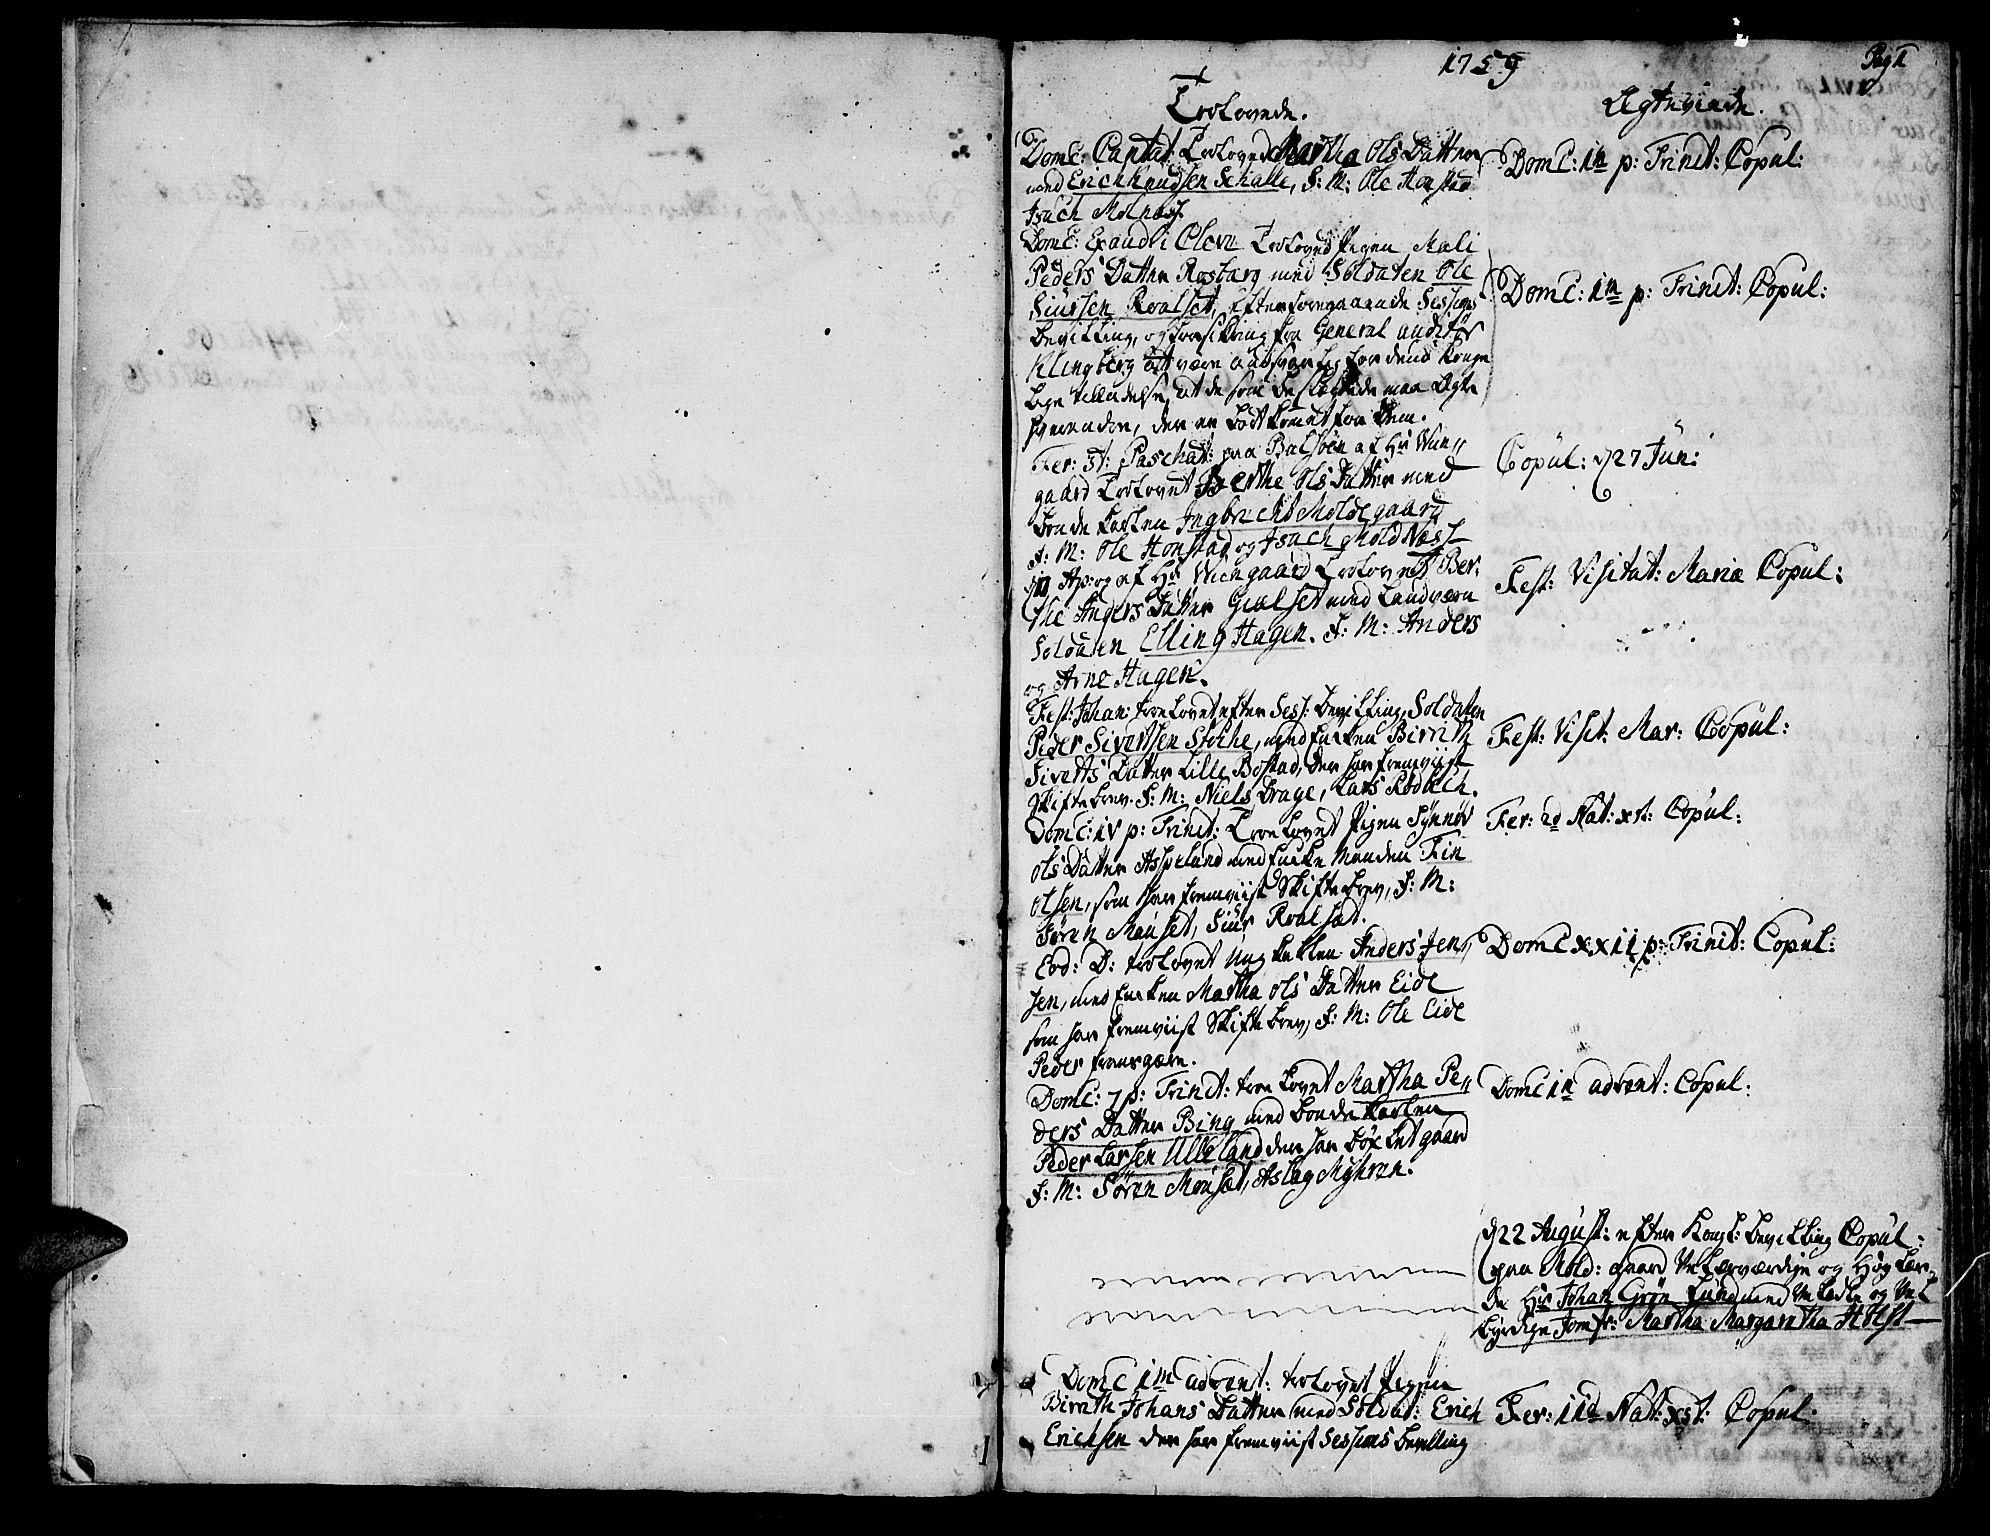 SAT, Ministerialprotokoller, klokkerbøker og fødselsregistre - Møre og Romsdal, 555/L0648: Ministerialbok nr. 555A01, 1759-1793, s. 1